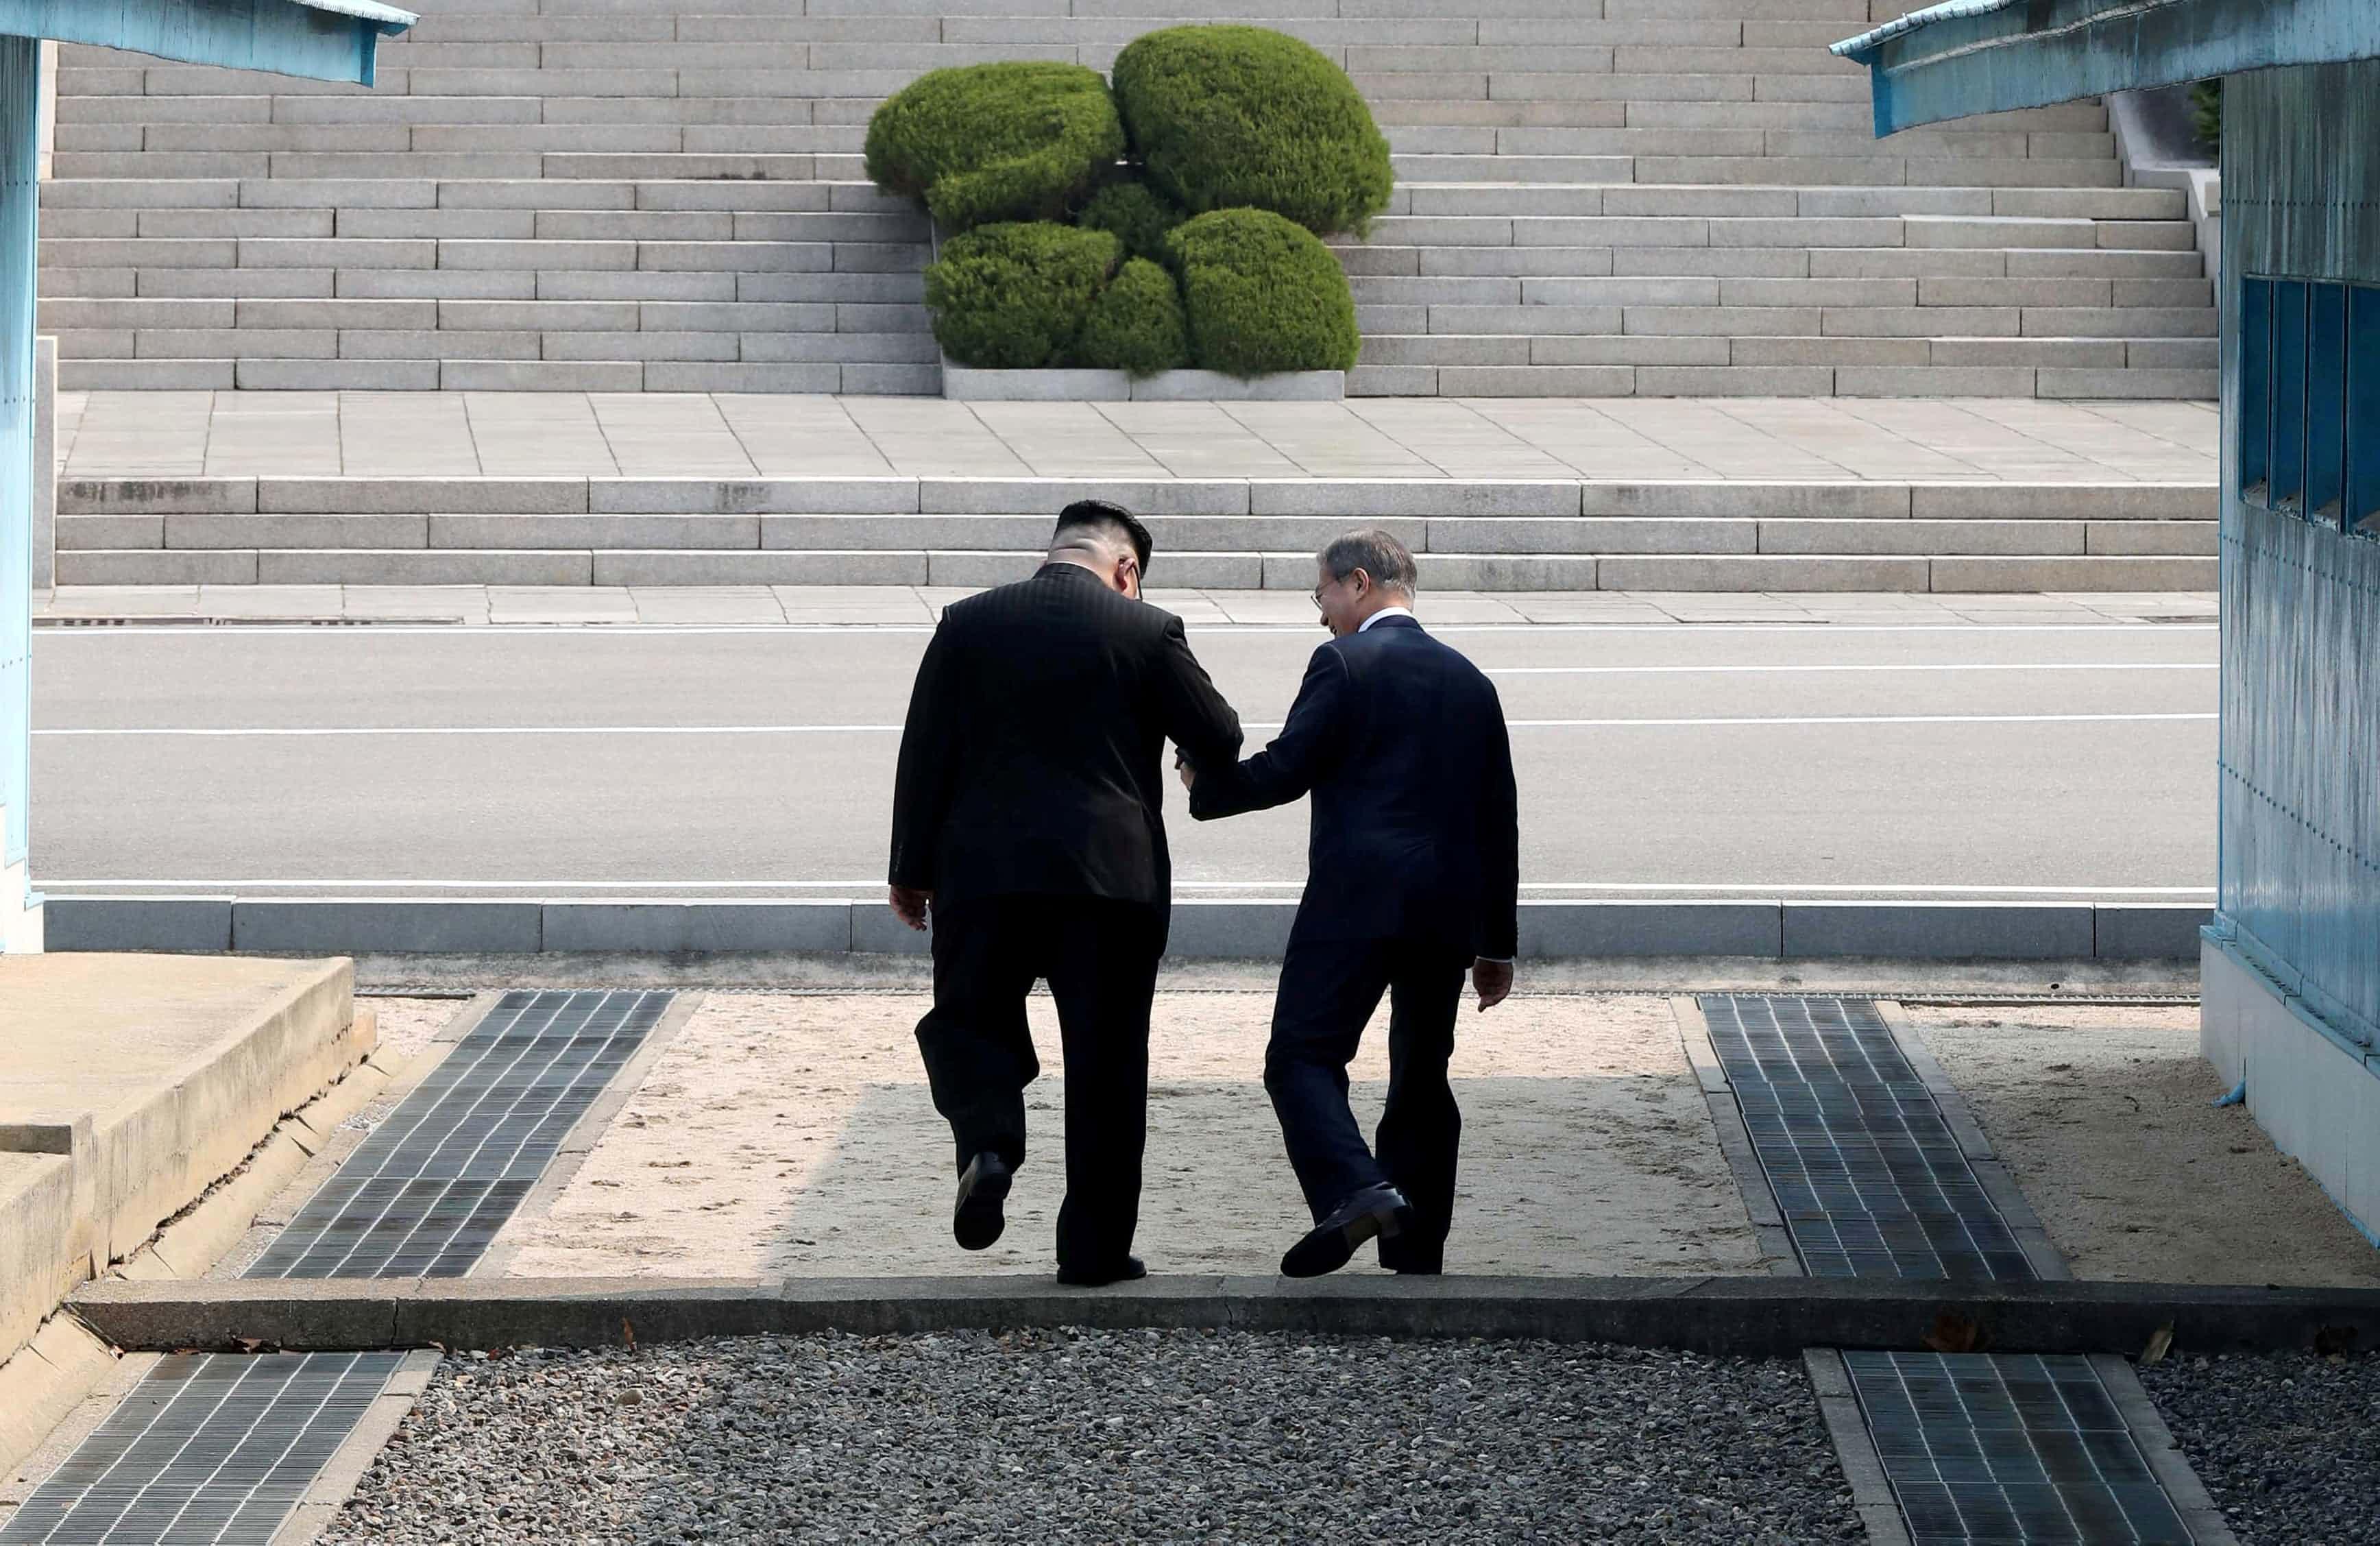 ¿Llegó el fin de la guerra de Corea? El sorpresivo cambio político de Kim Jong-un